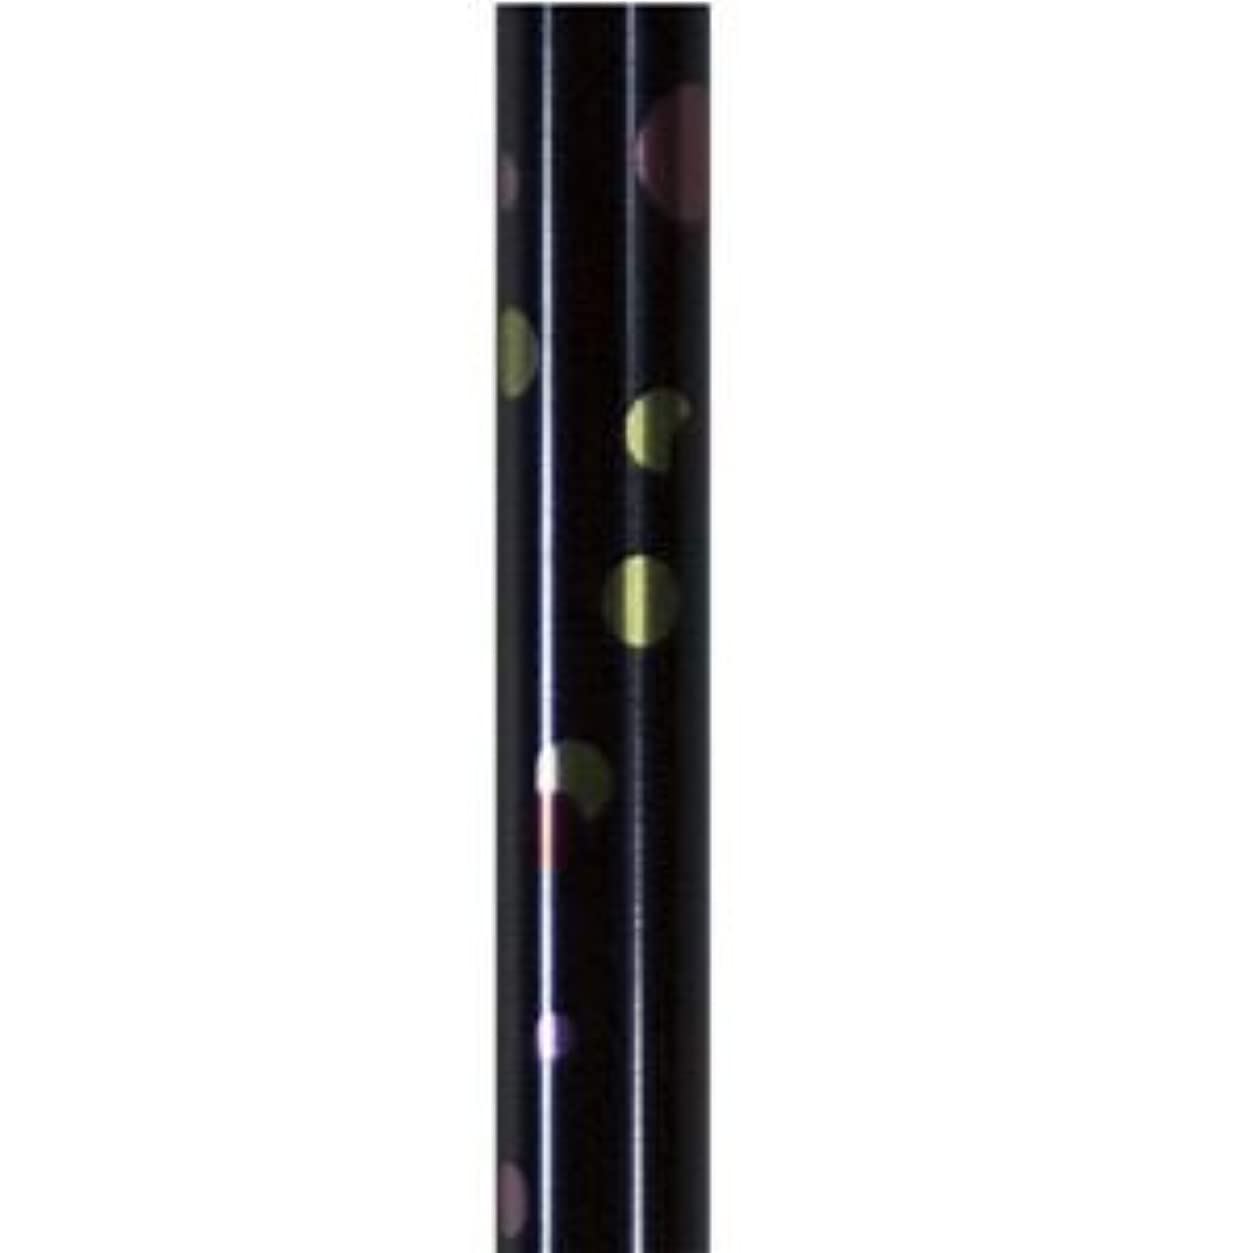 変換決定する不正確島製作所 ステッキ(伸縮) 伸縮細型ネックステッキ 水玉ネイビー 67-P4